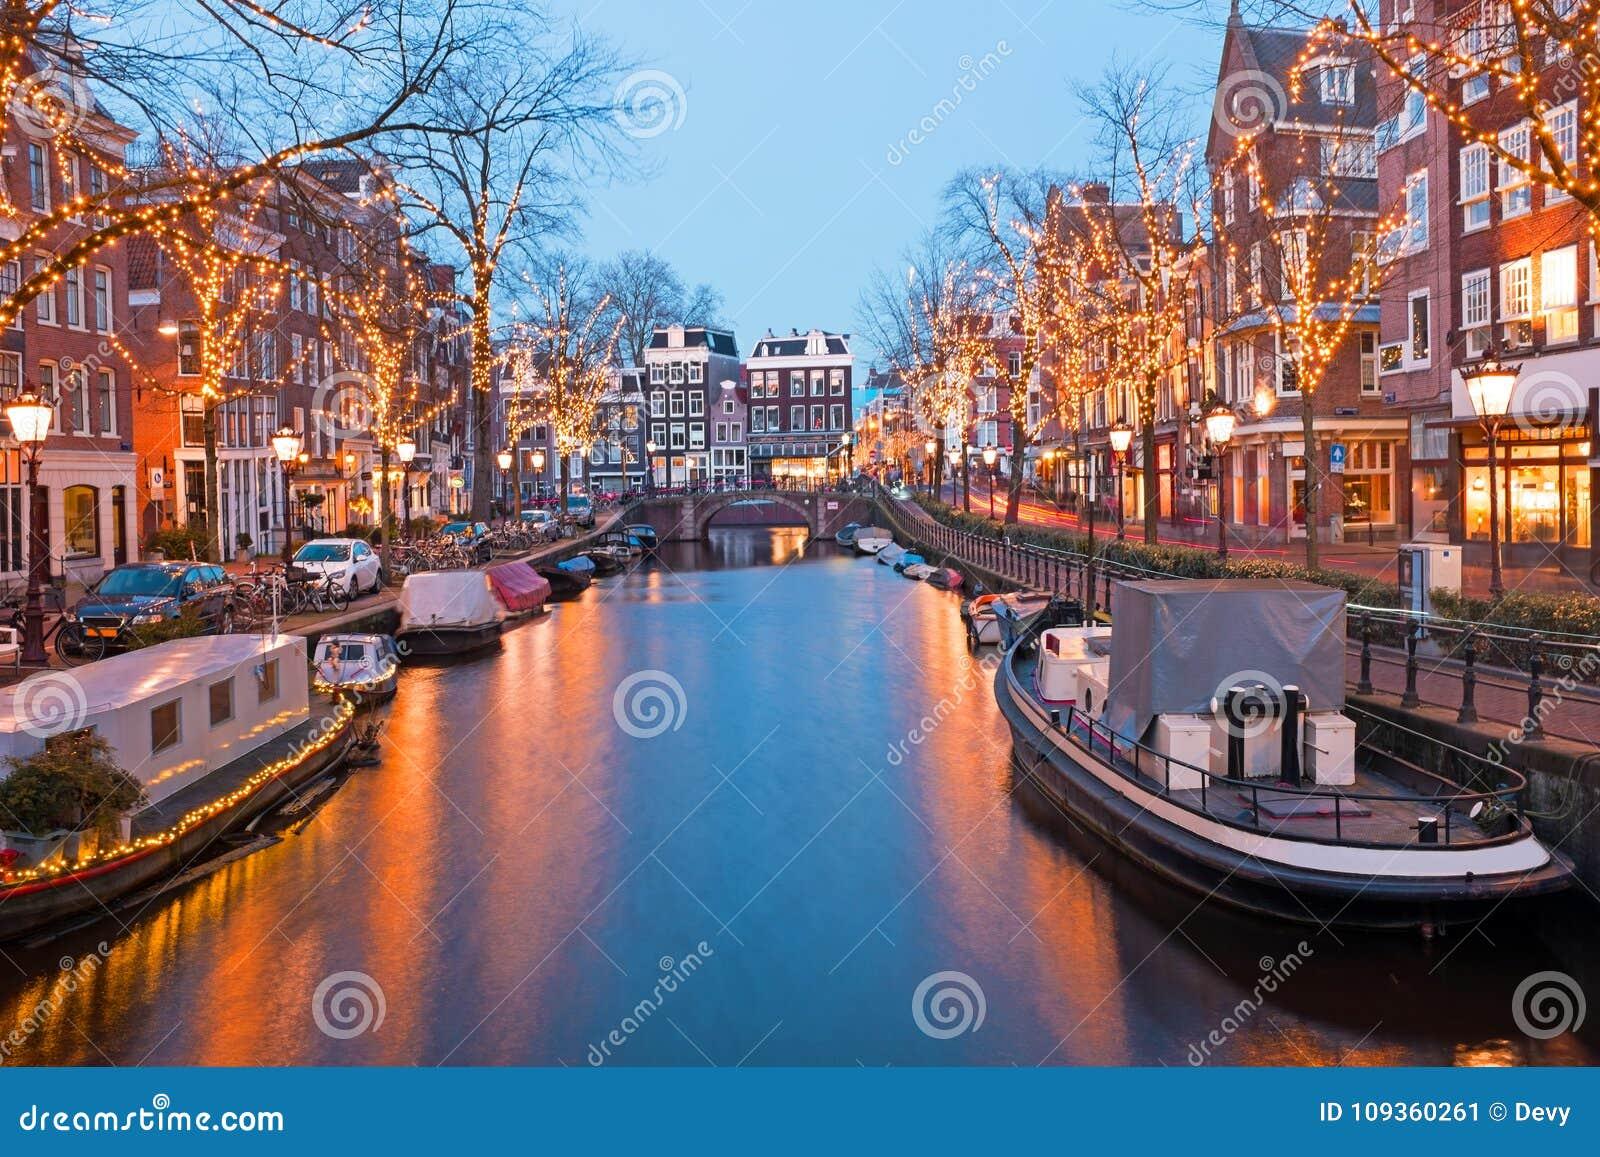 weihnachtszeit in amsterdam die niederlande an der d mmerung stockbild bild von d mmerung. Black Bedroom Furniture Sets. Home Design Ideas